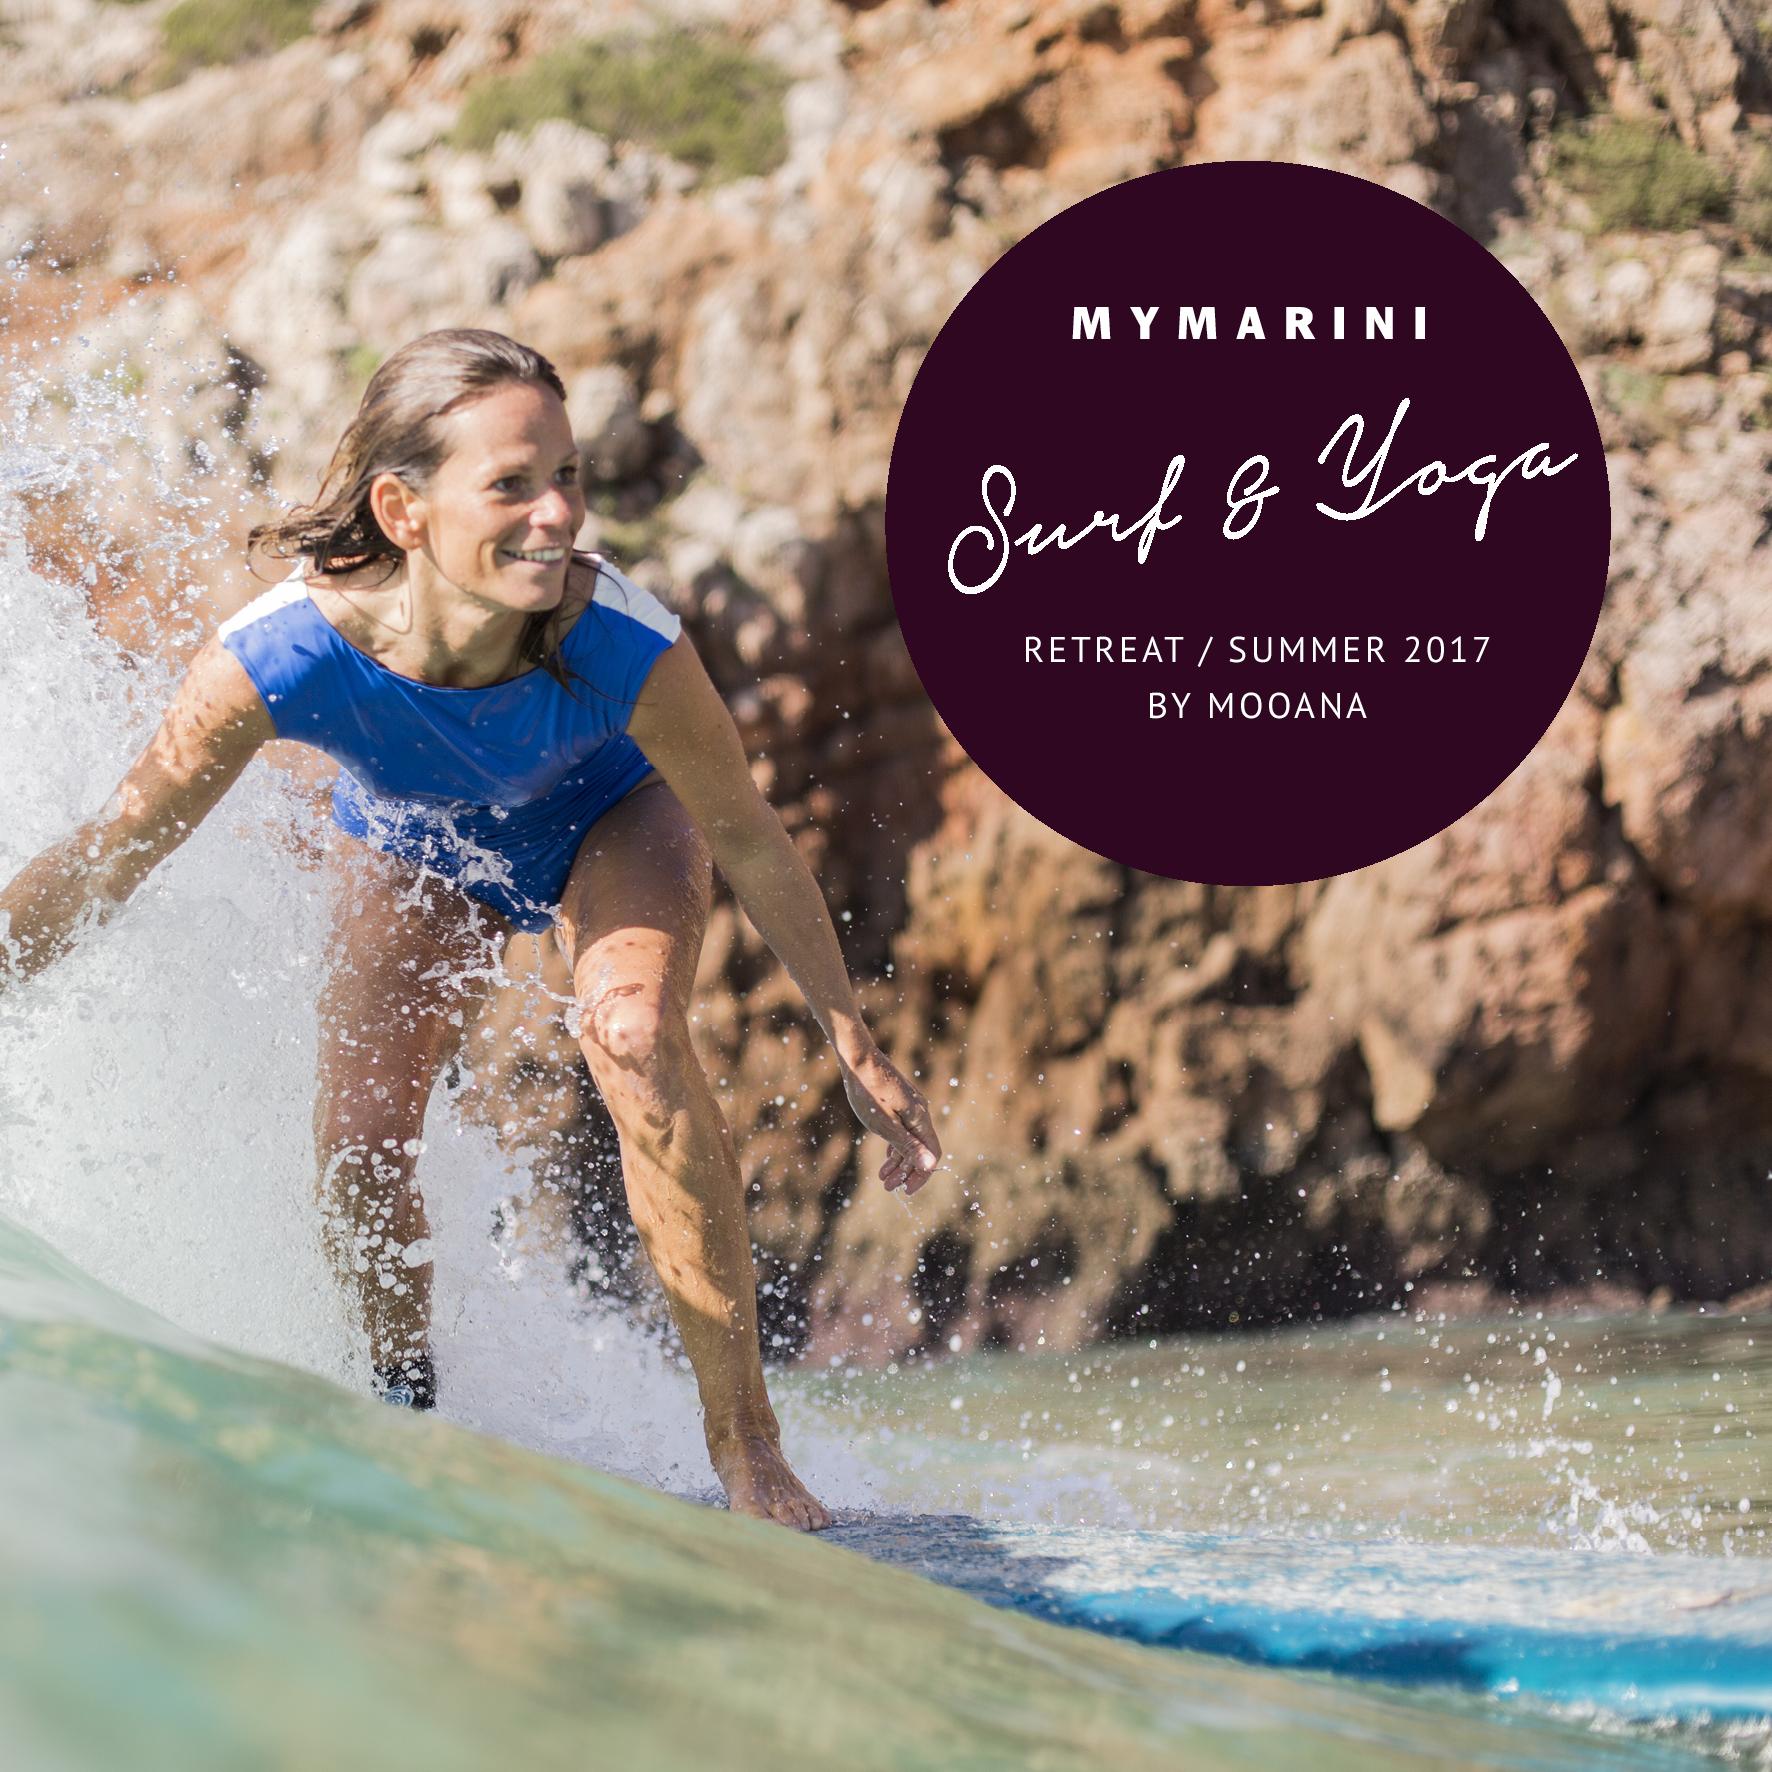 mymarini-surf-yoga-retreat-Instagram4.jpeg